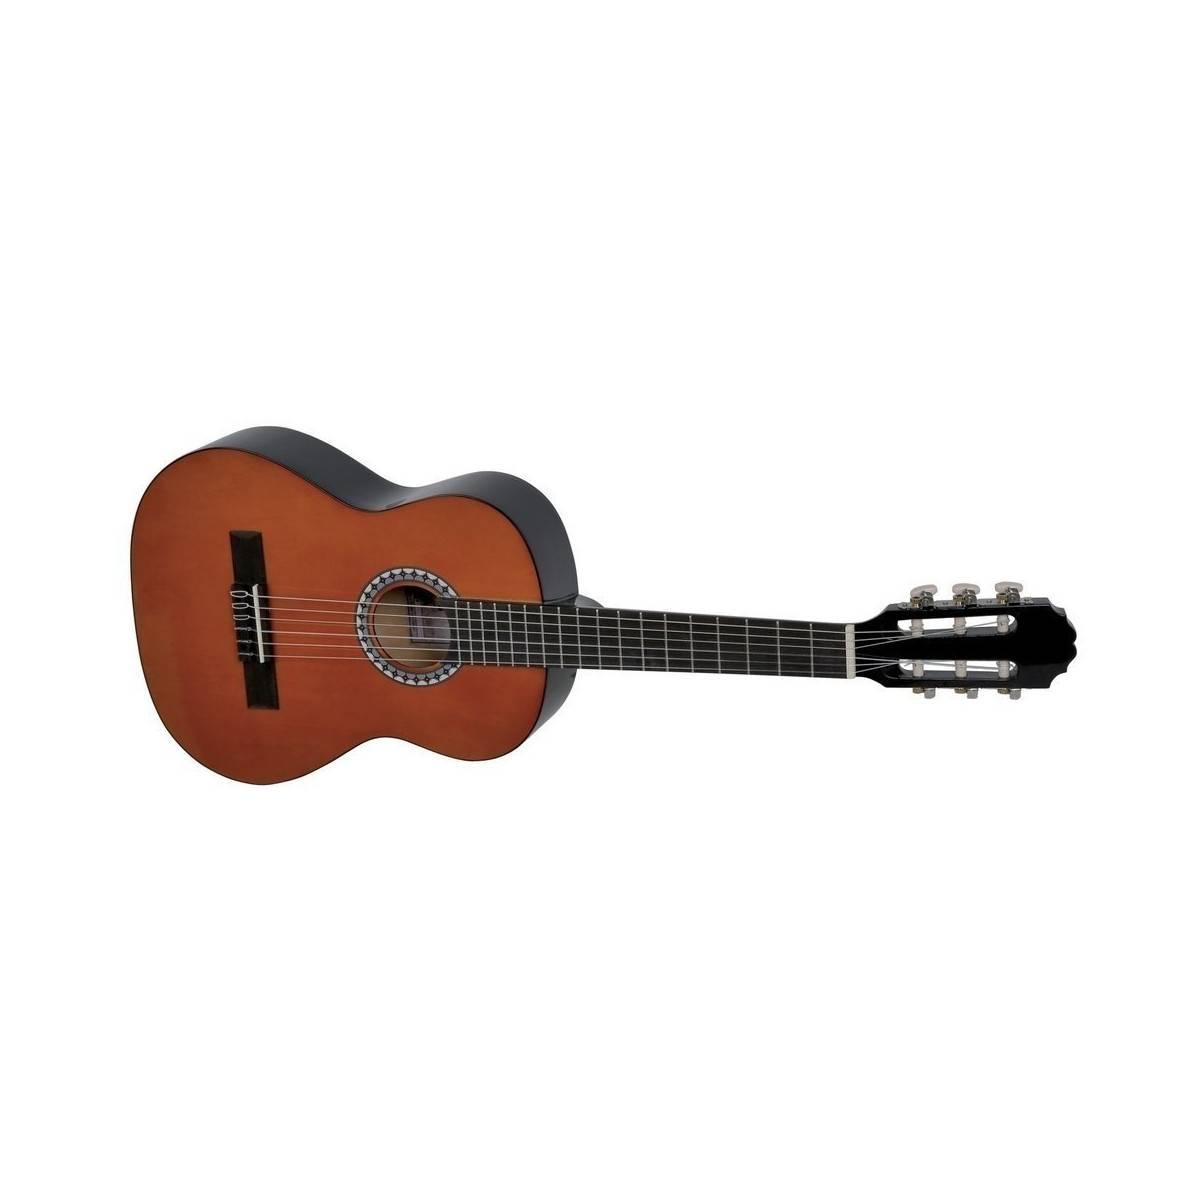 Guitare classique 1/4 - GEWApure Basic Classic